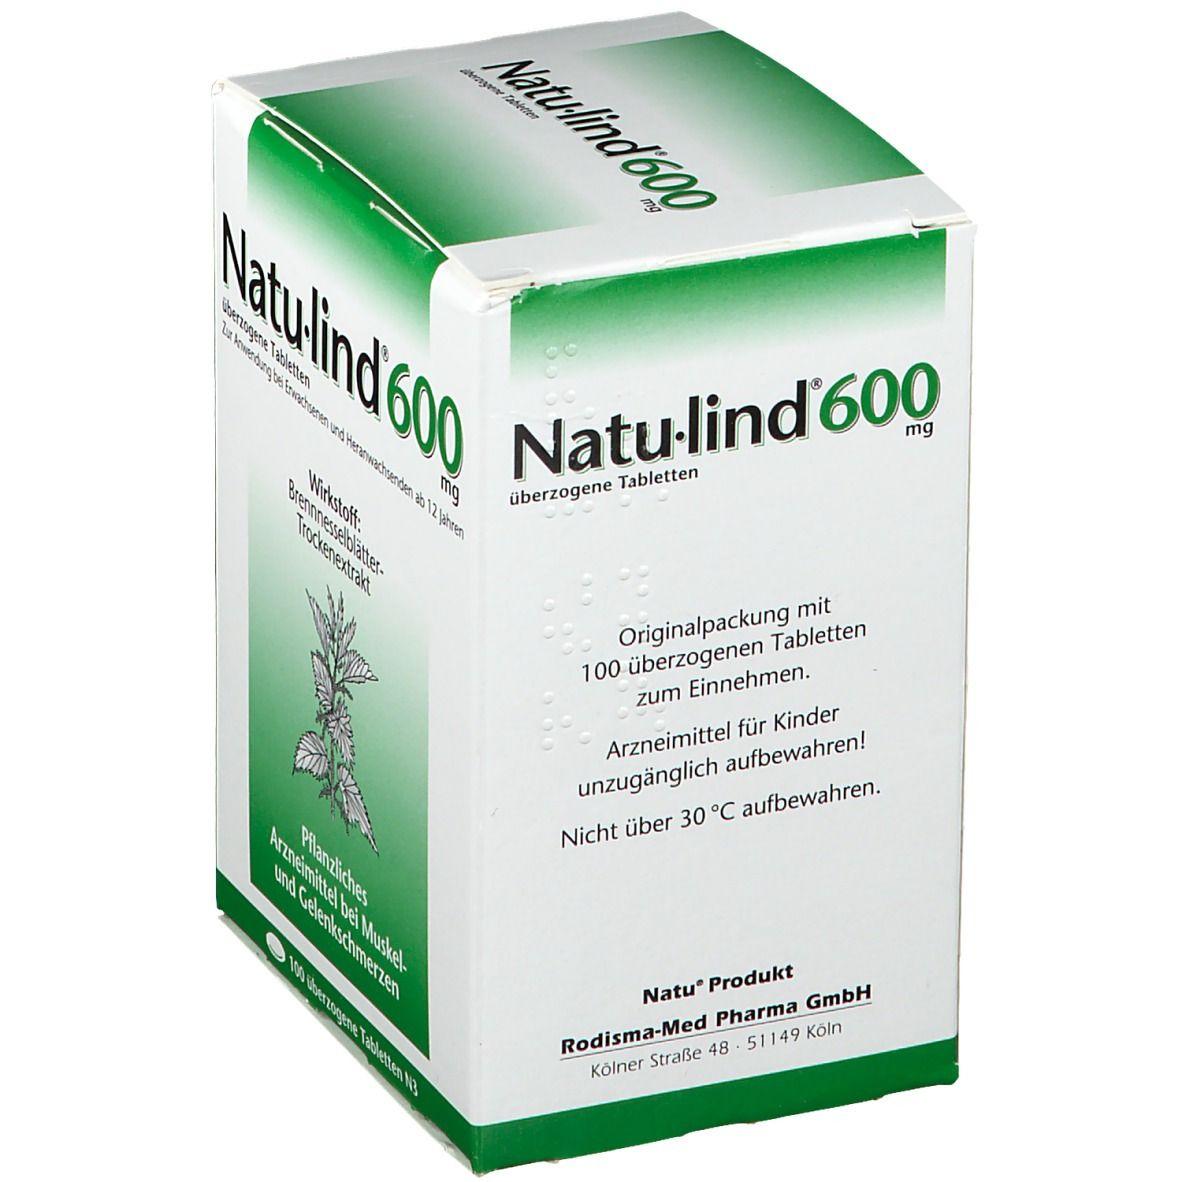 Natu-lind® 600 mg